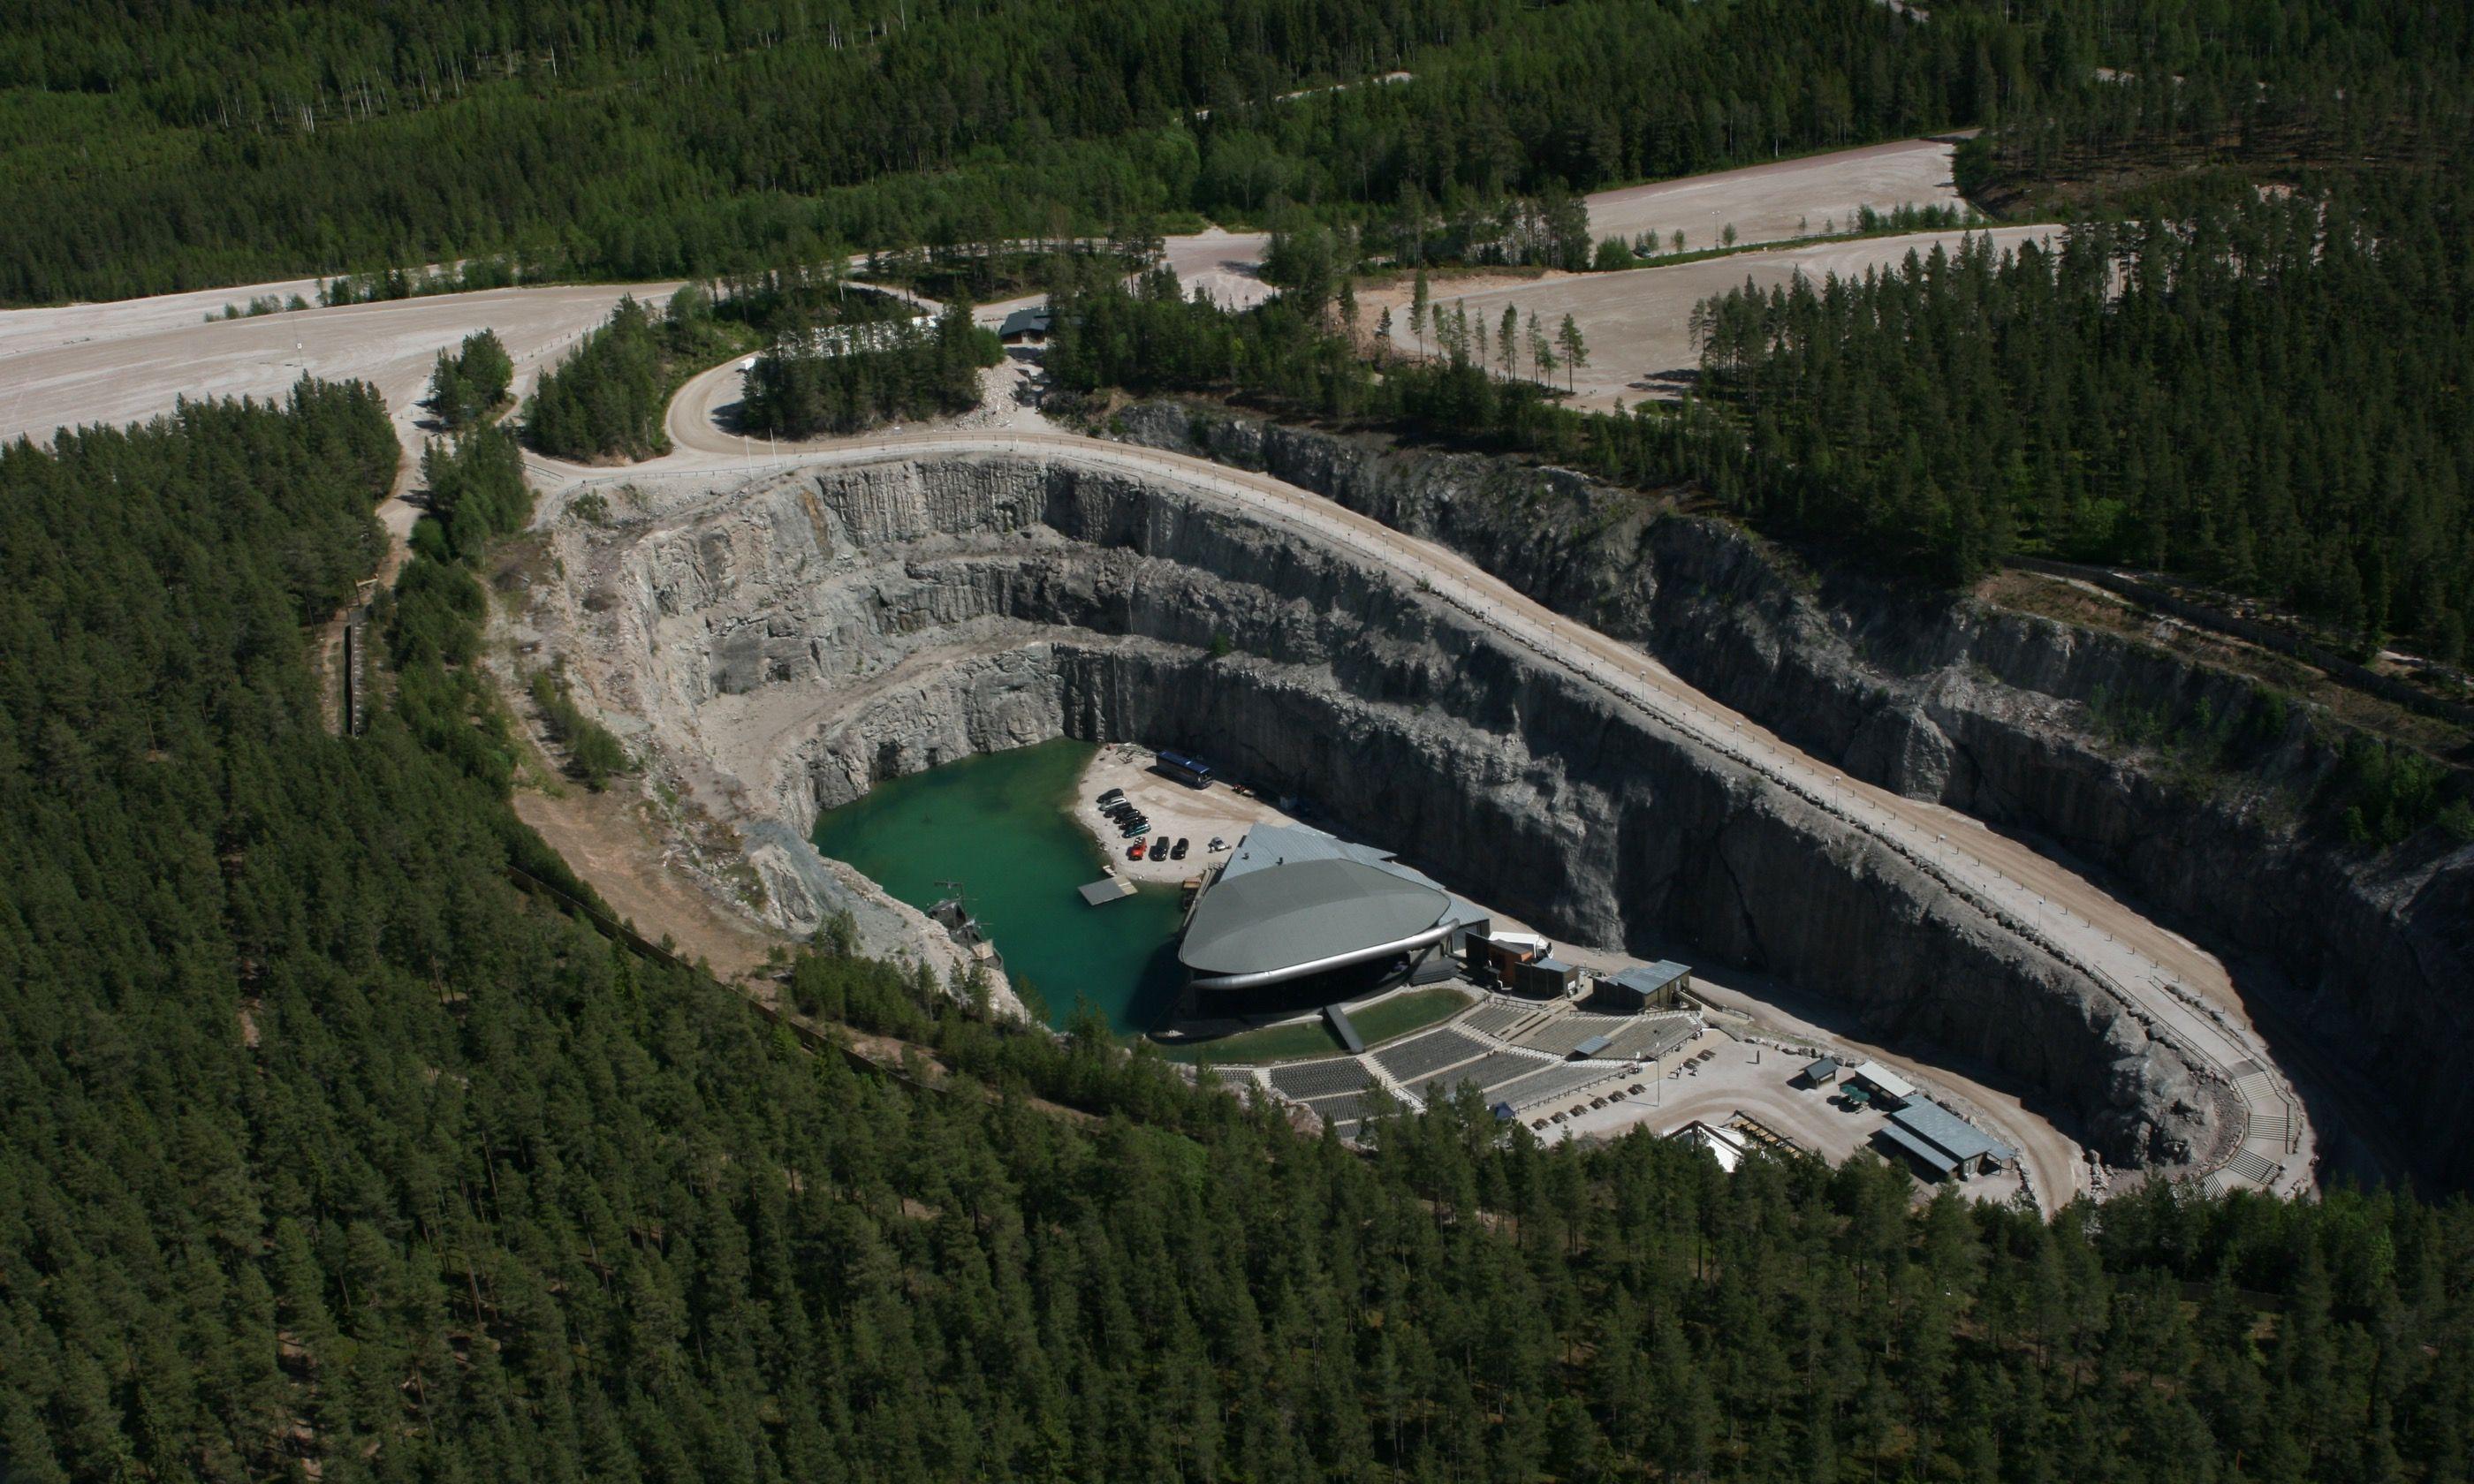 Aerial shot of Dalhalla (DalhallaOpera.se)